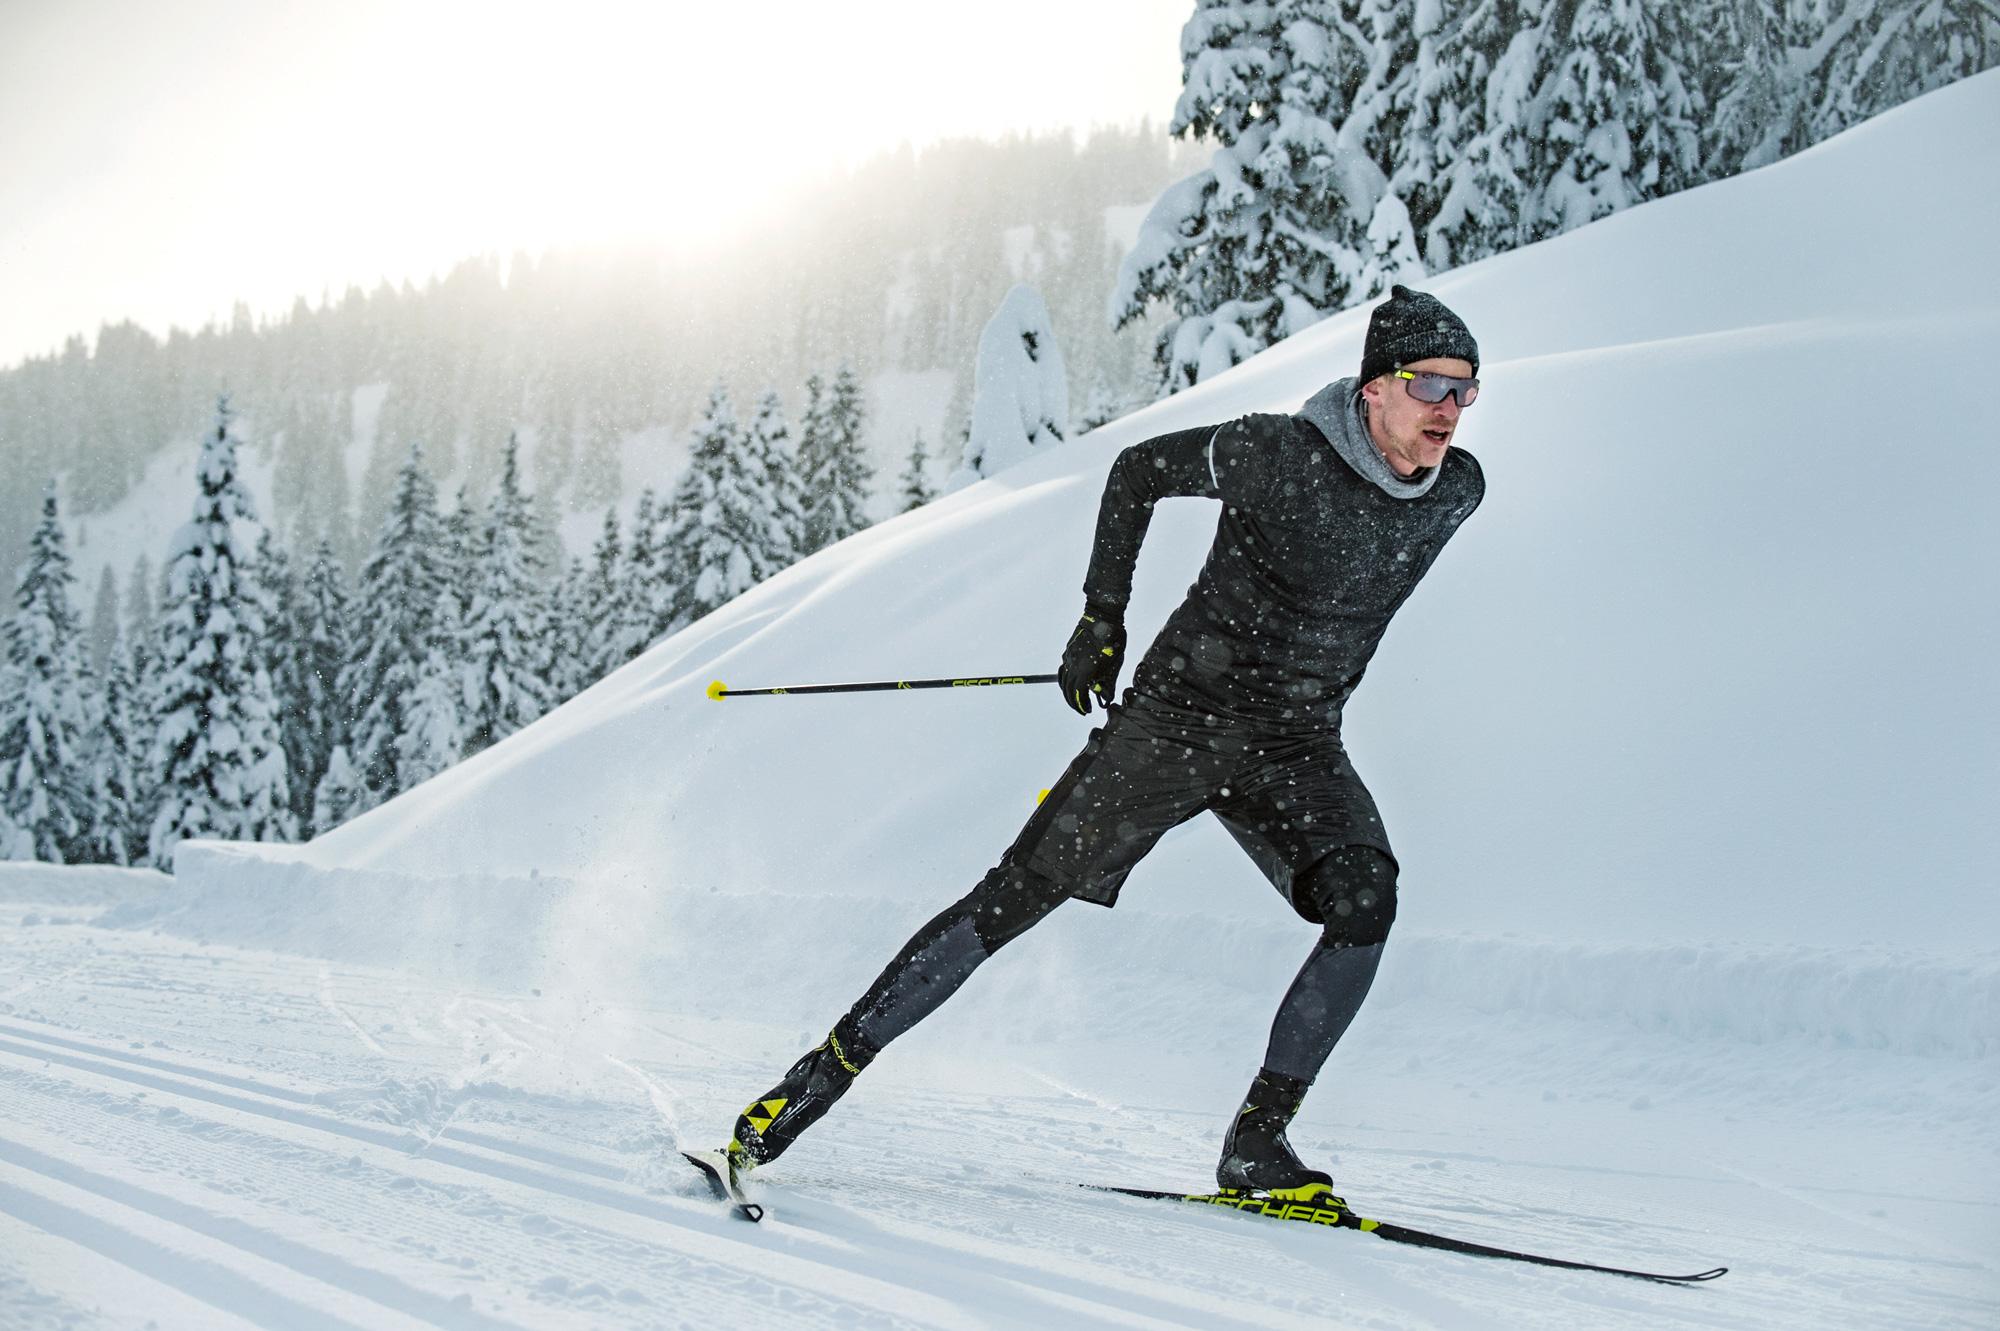 skating ski